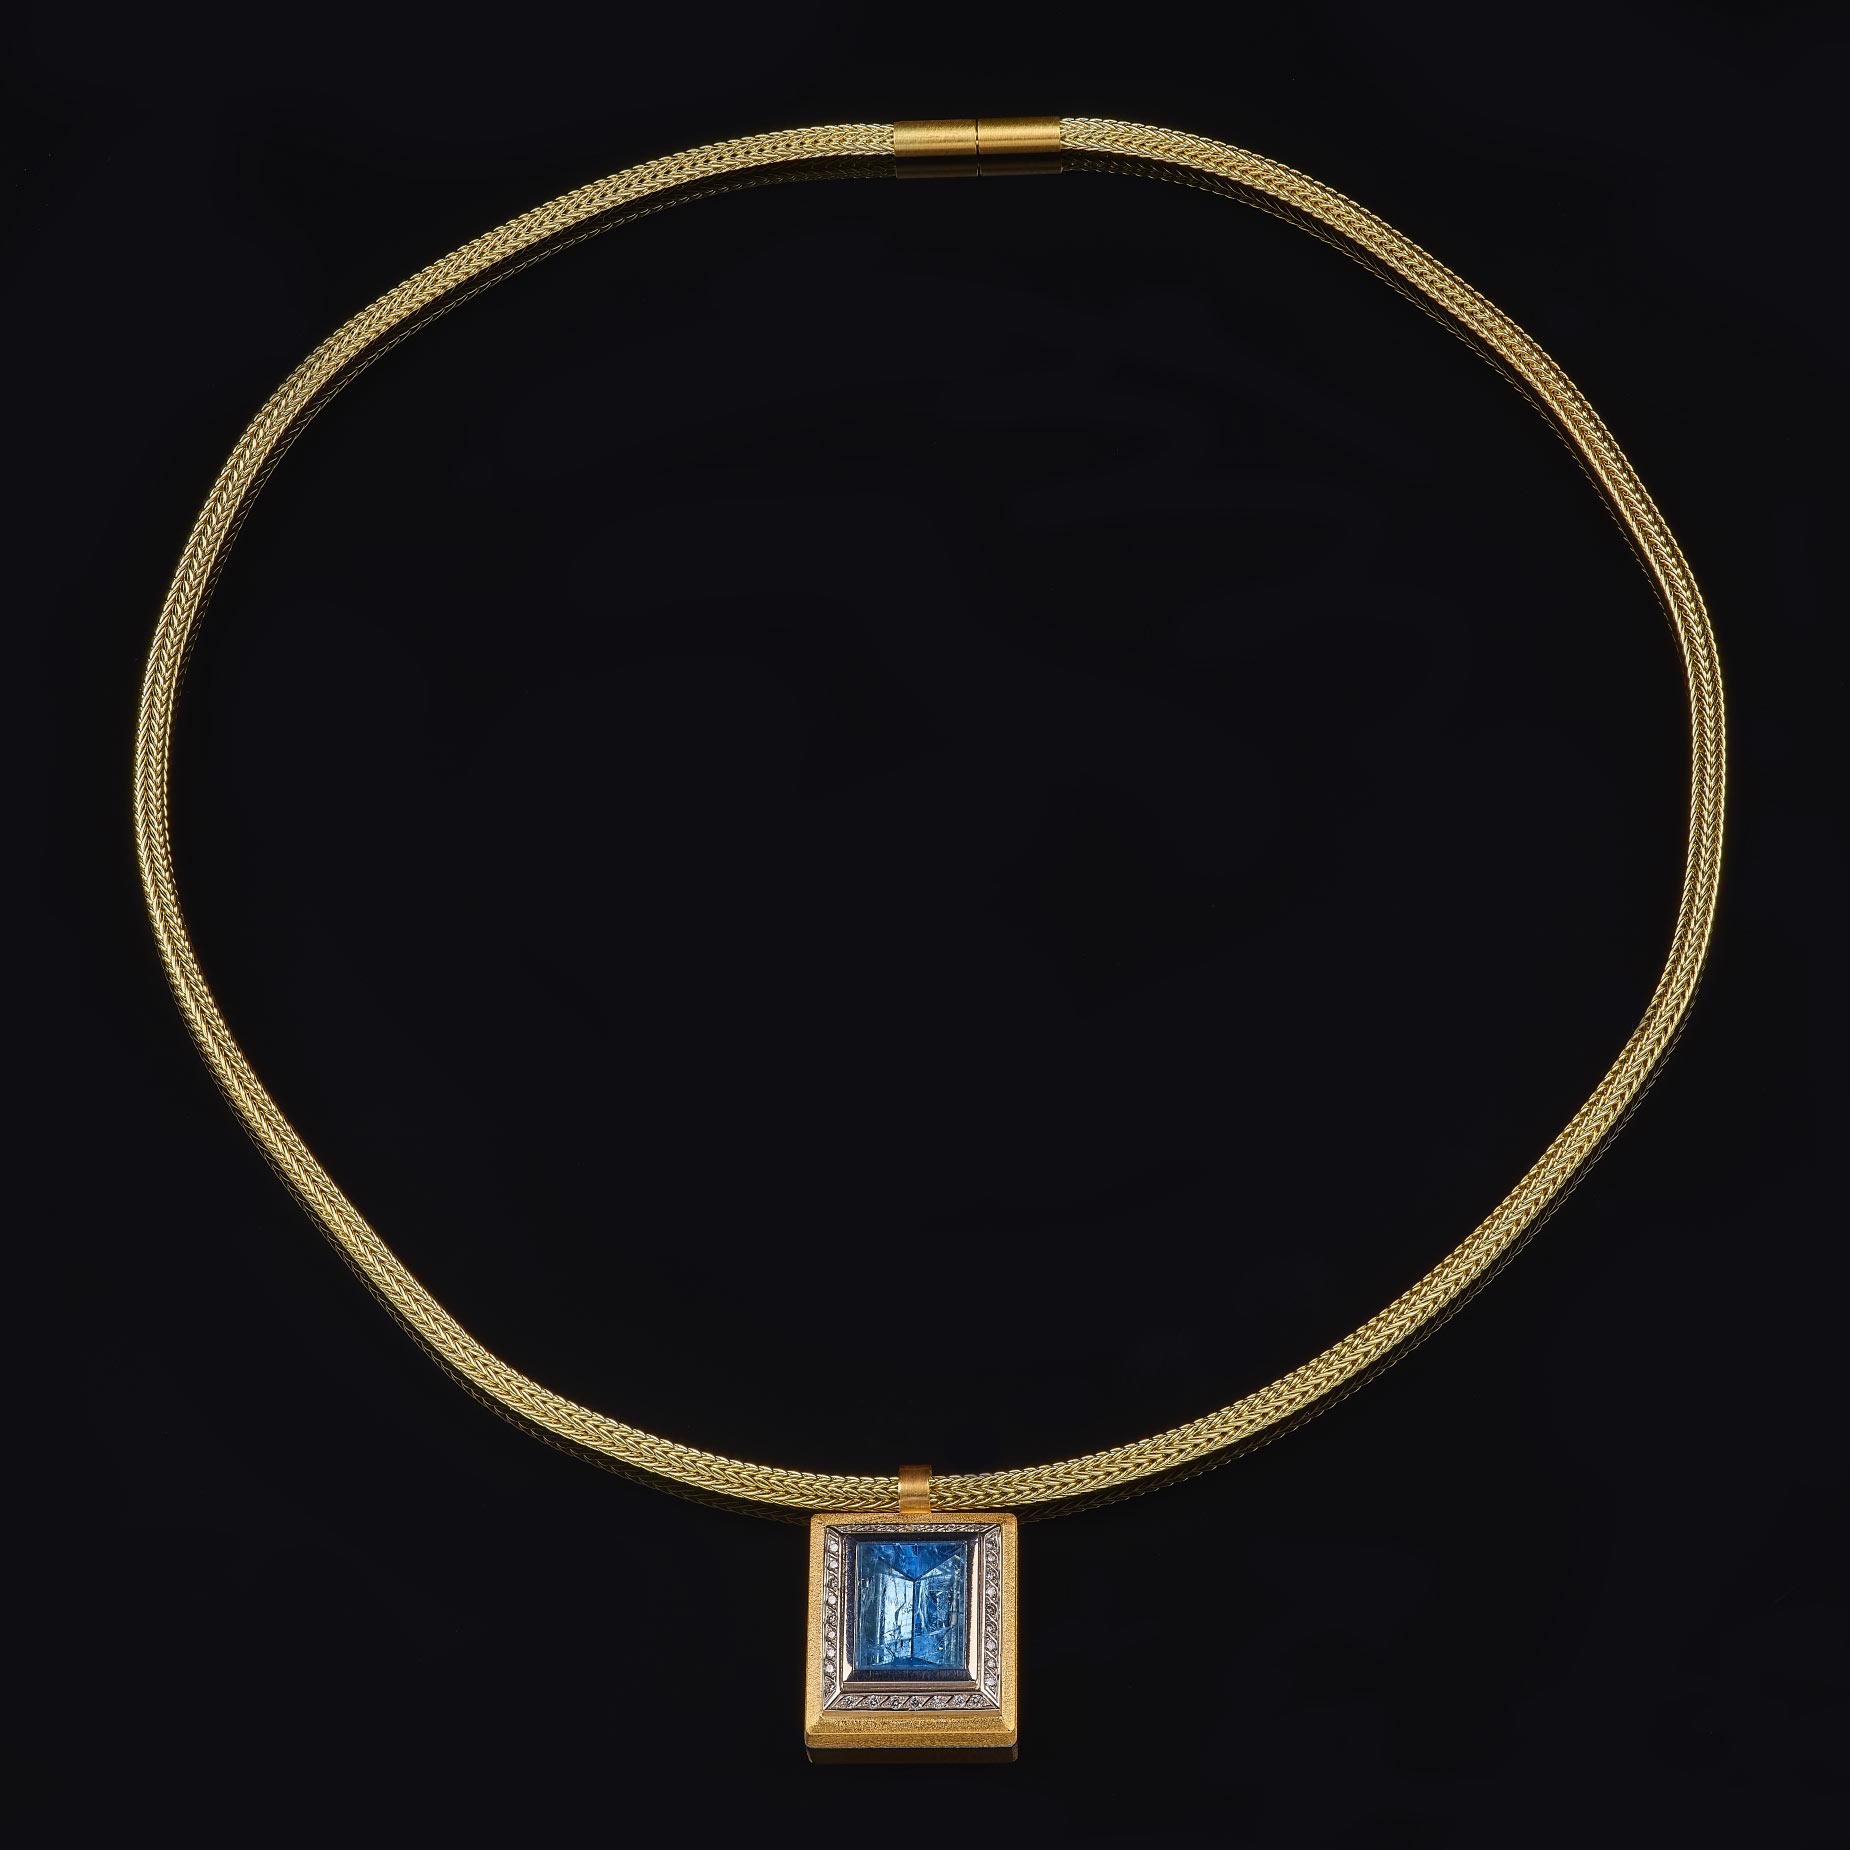 Strickkette mit Aquamarinanhänger, 585/000 Gelbgold, 950/000 Palladium